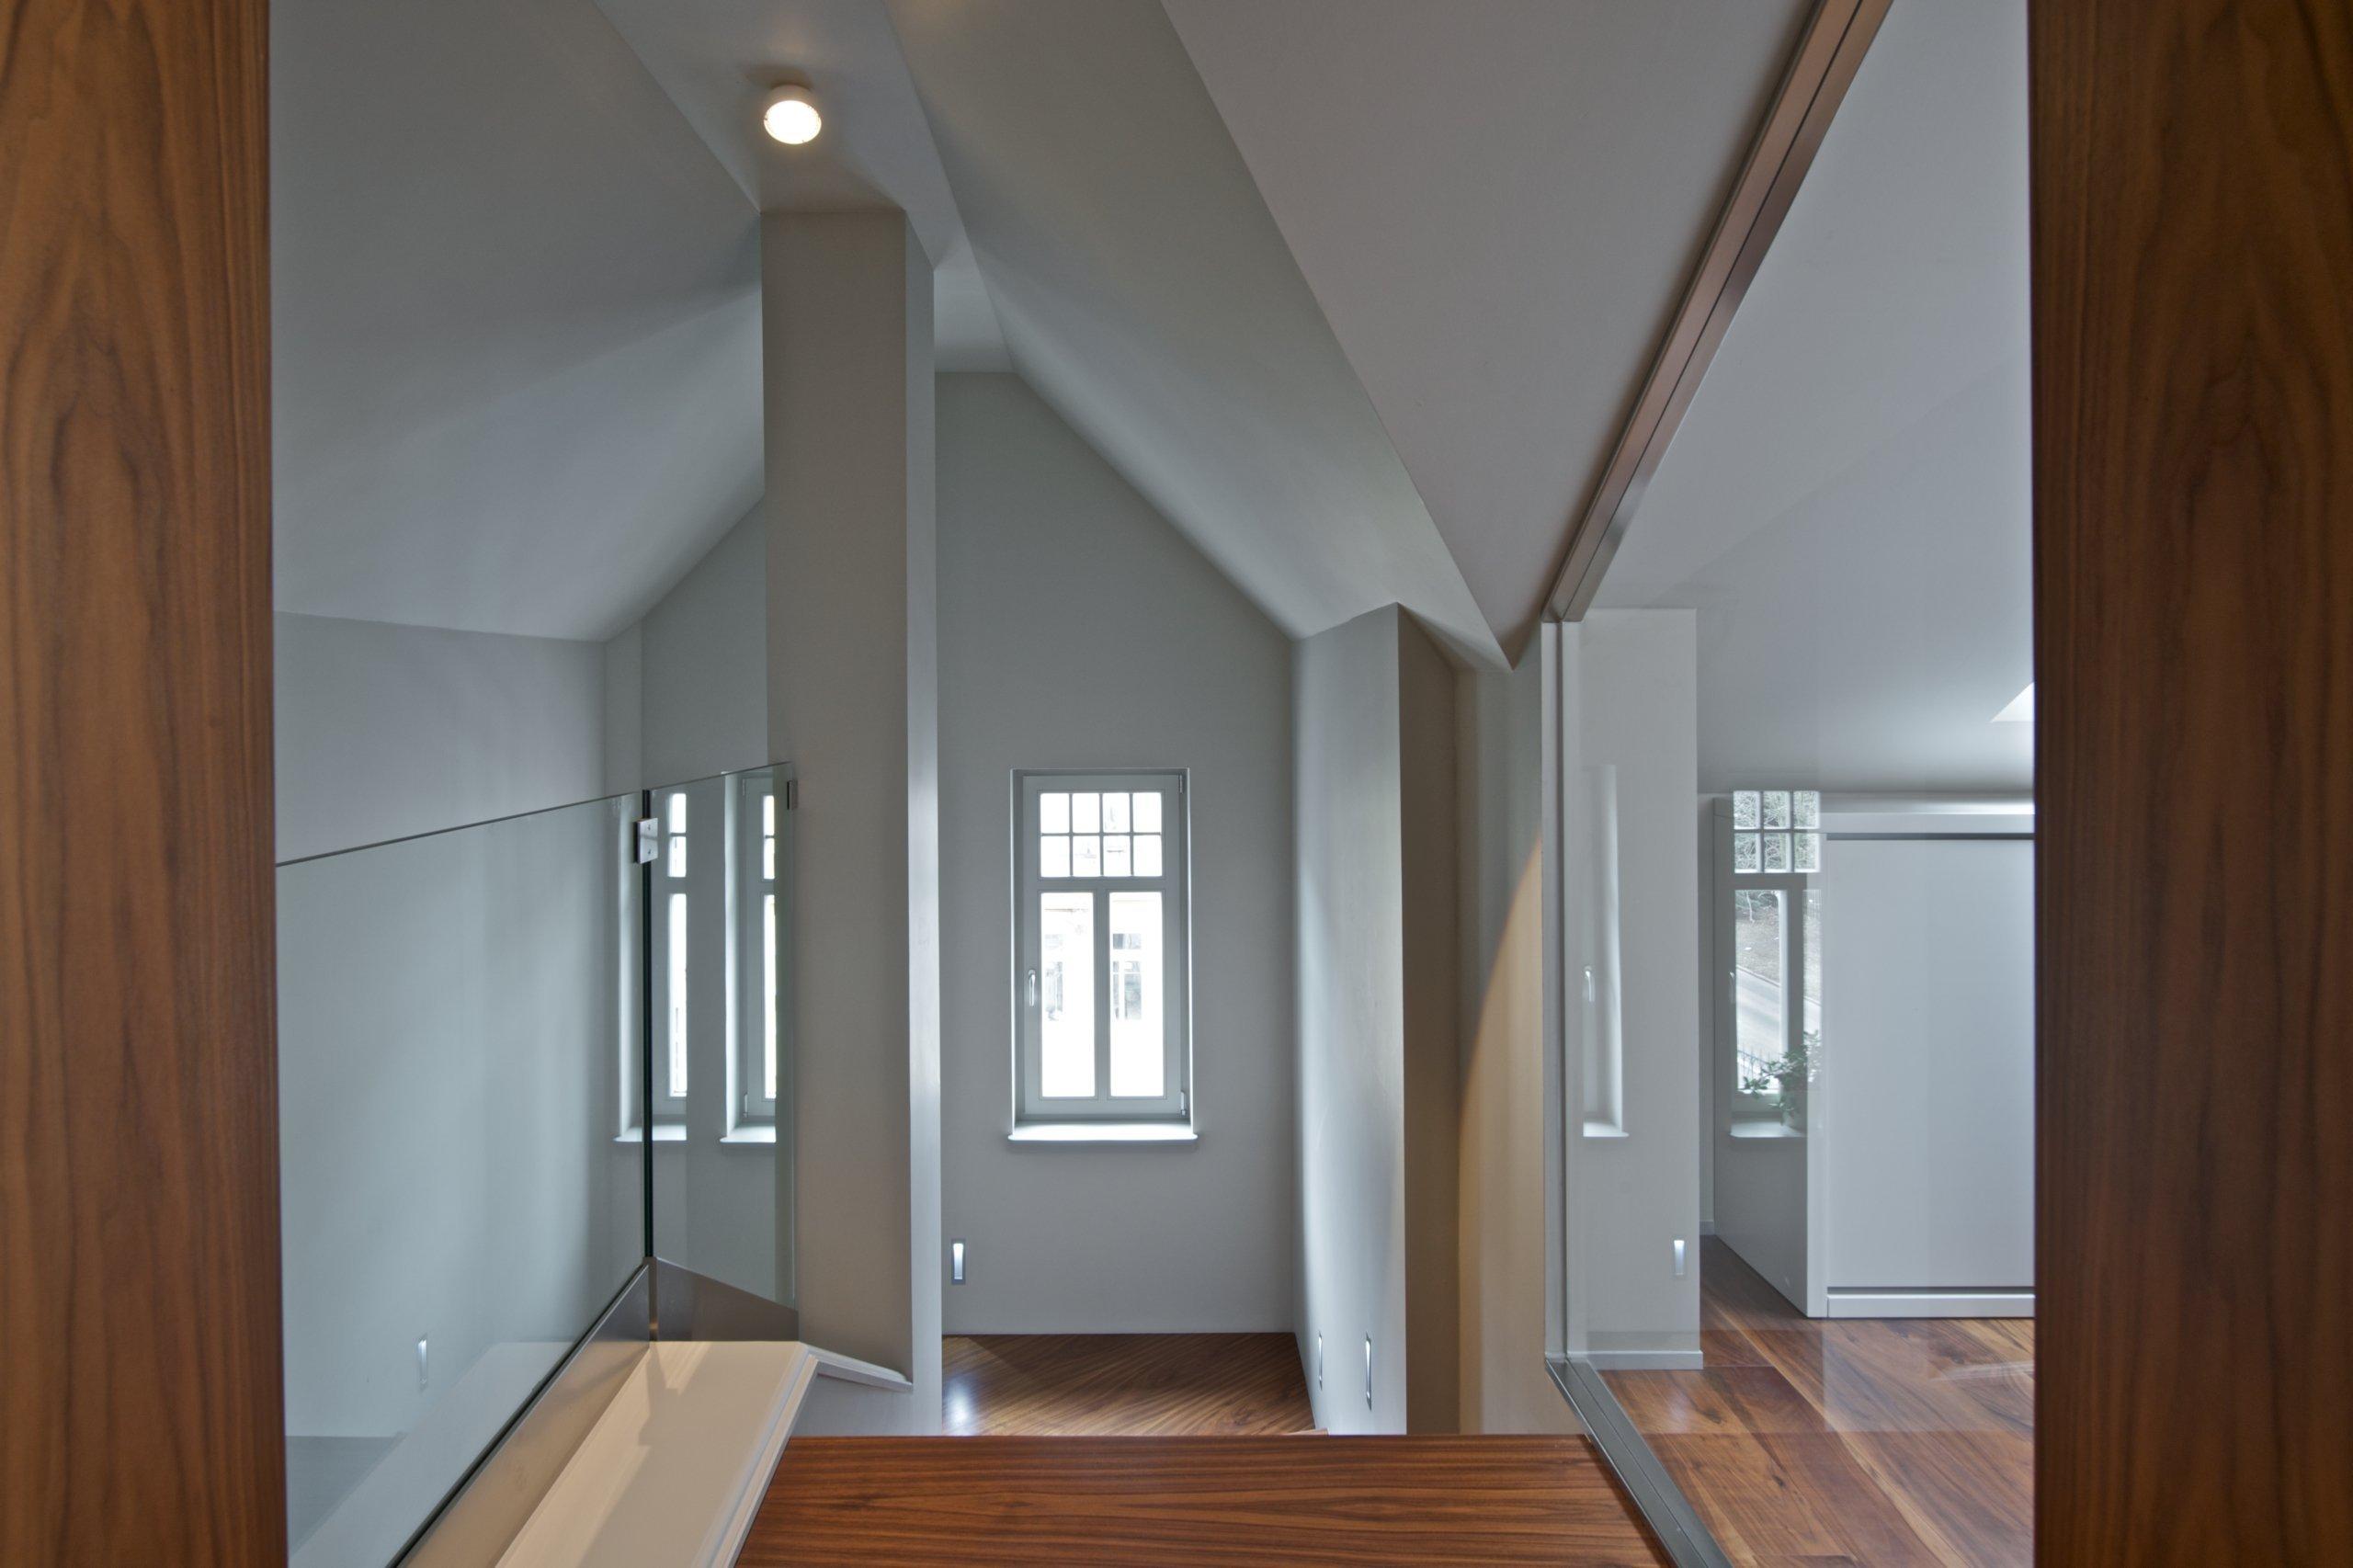 Mladý pár se rozhodl, že využije půdní prostor v rodinné vile. Uvolní tak ve spodních patrech domu místo ostatním členům rodiny a získají více soukromí. …